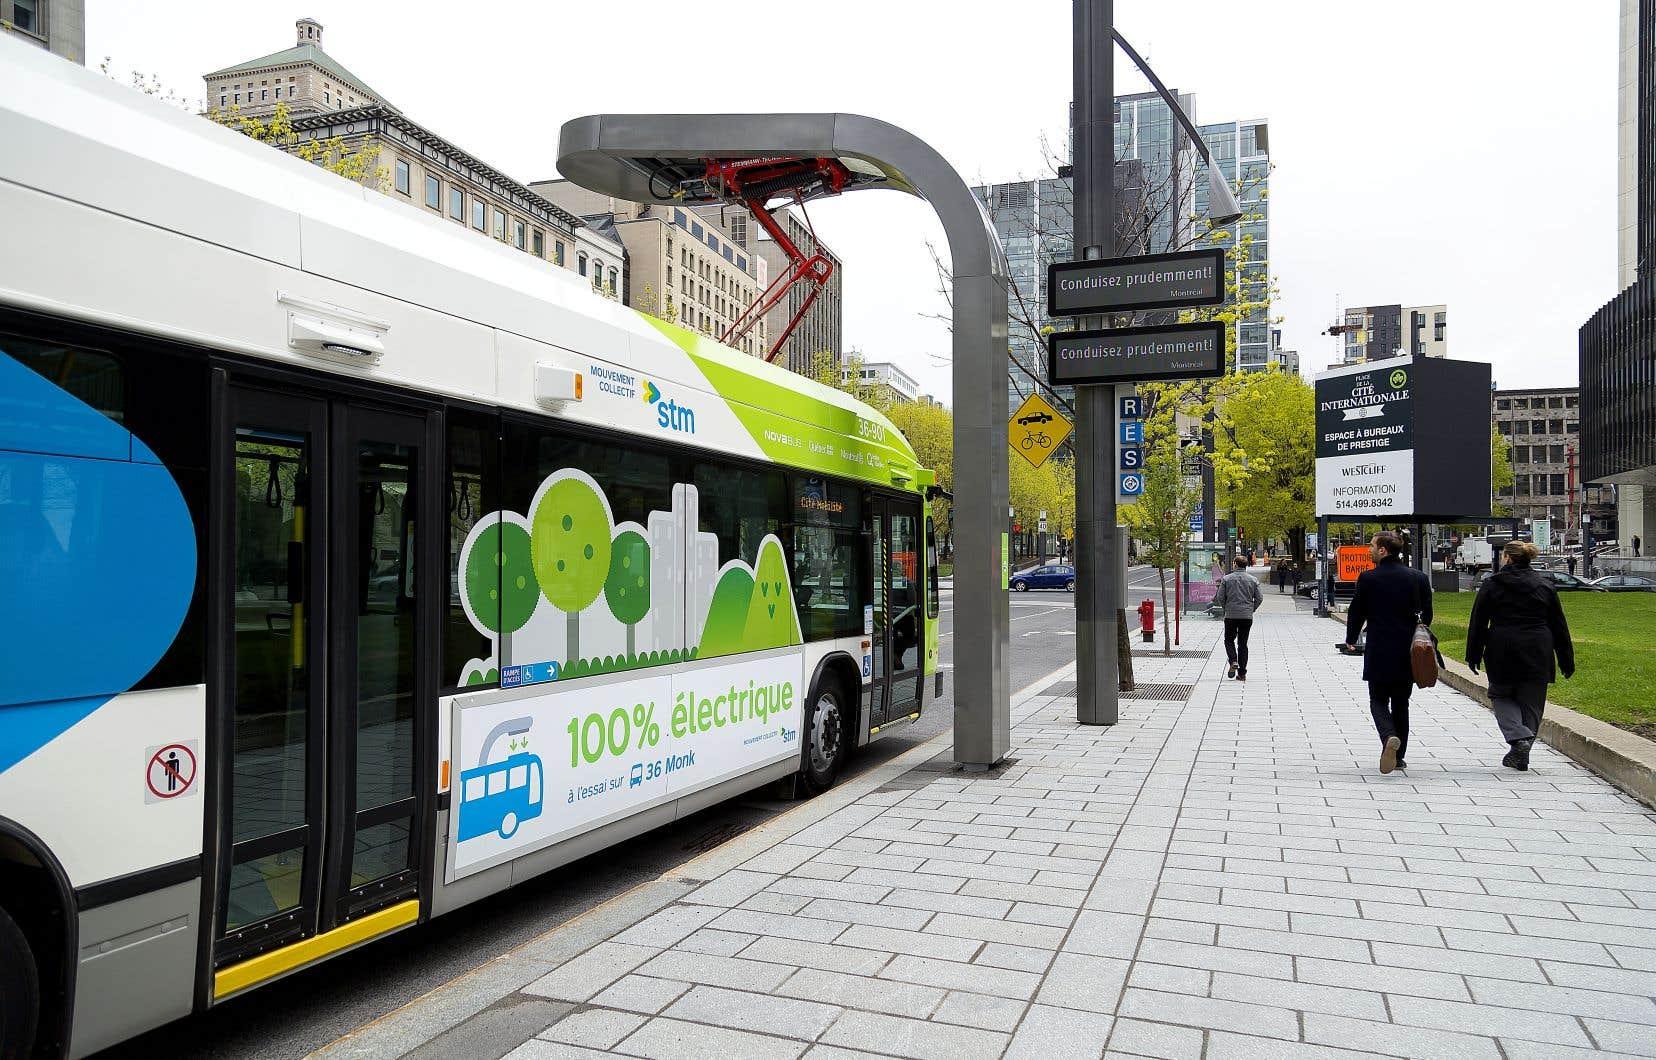 Le gouvernement Legault prévoit investir dans l'électrification des transports collectifs.